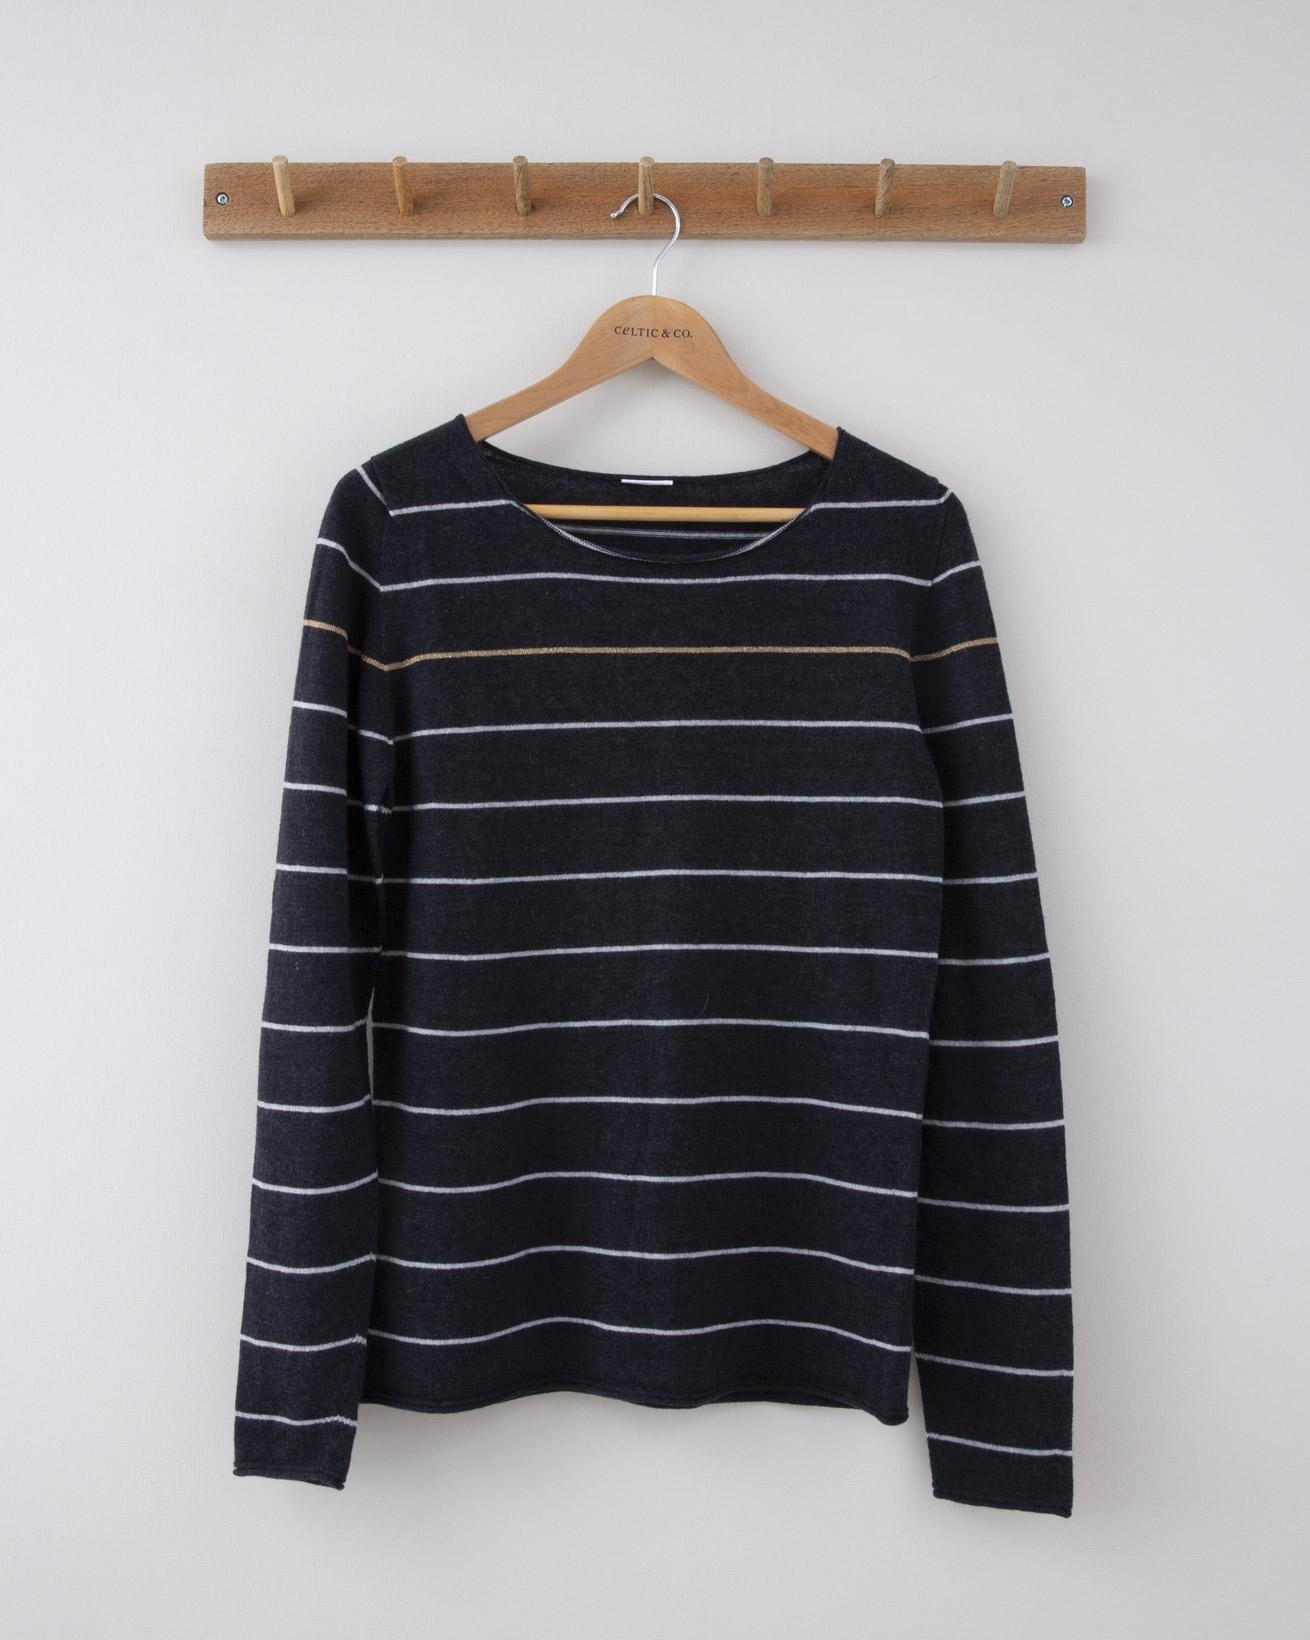 Fine Knit Merino Crew Neck - Small - Charcoal w/silver grey Stripe & Gold Chest Stripe - 1256